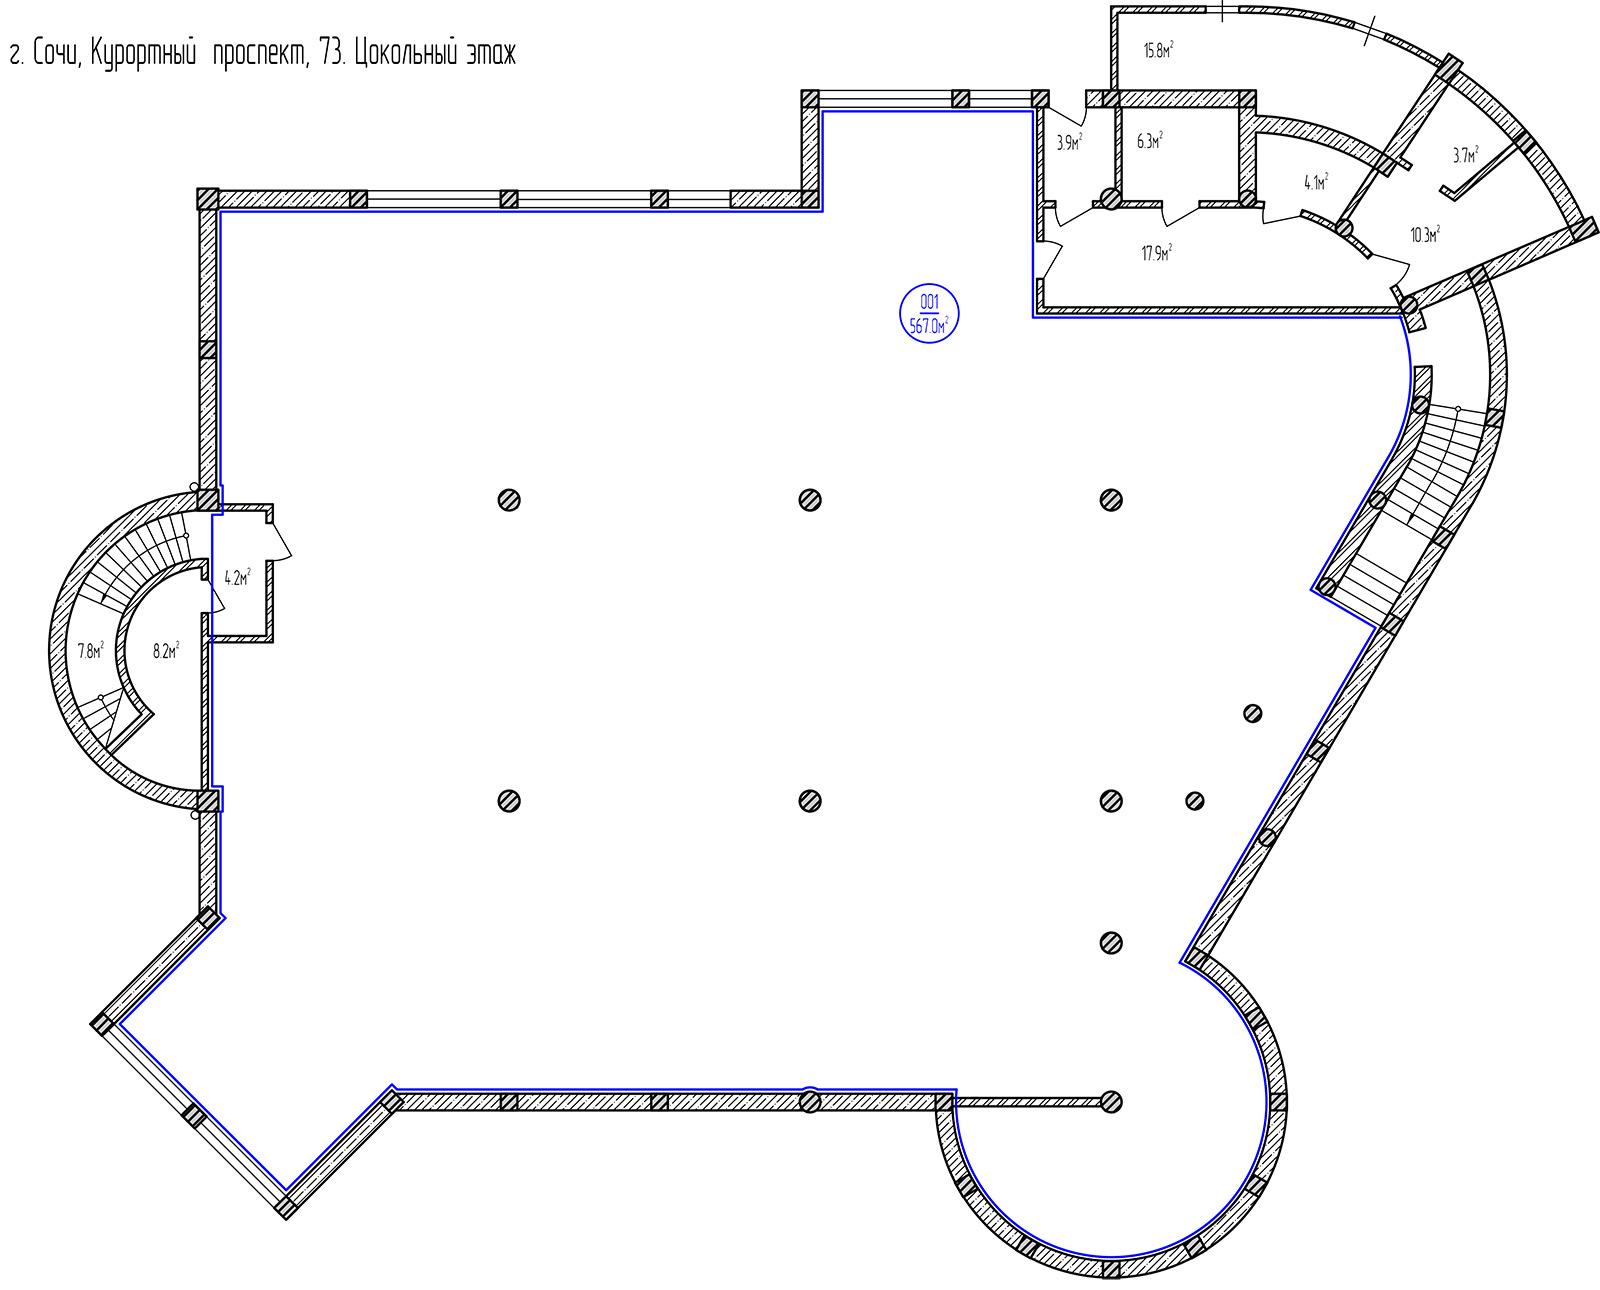 Планировка: этаж 0